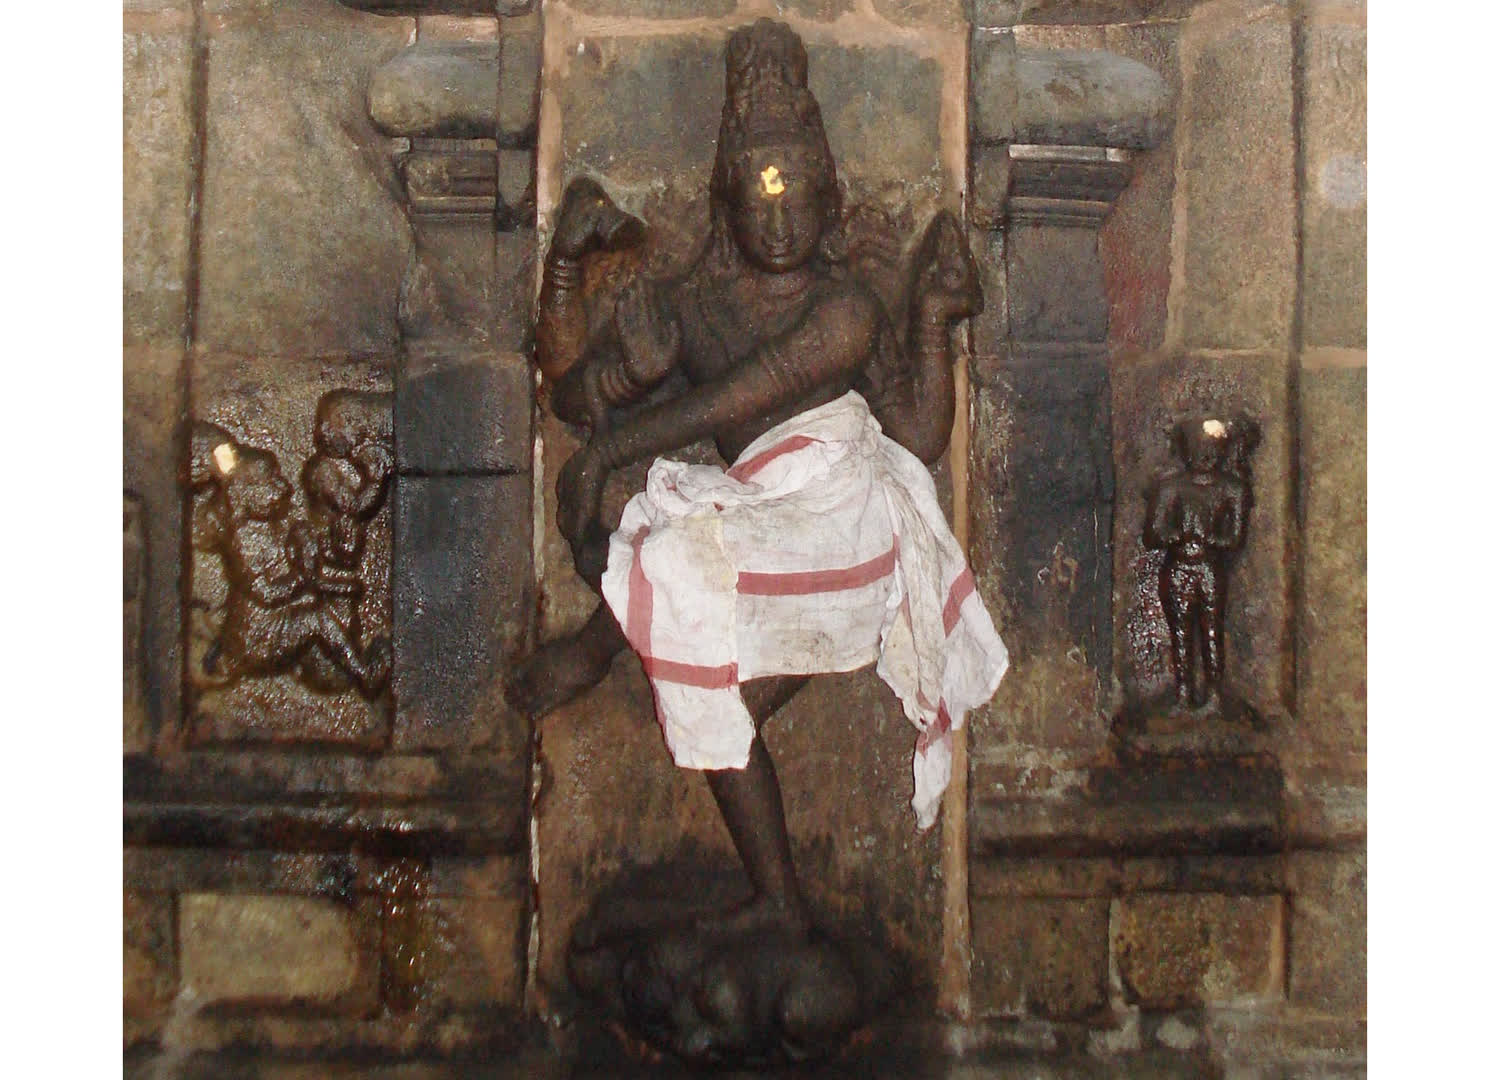 Fig 6: Nataraja sculpture with Karaikkal Ammayar, Tirunageswaram